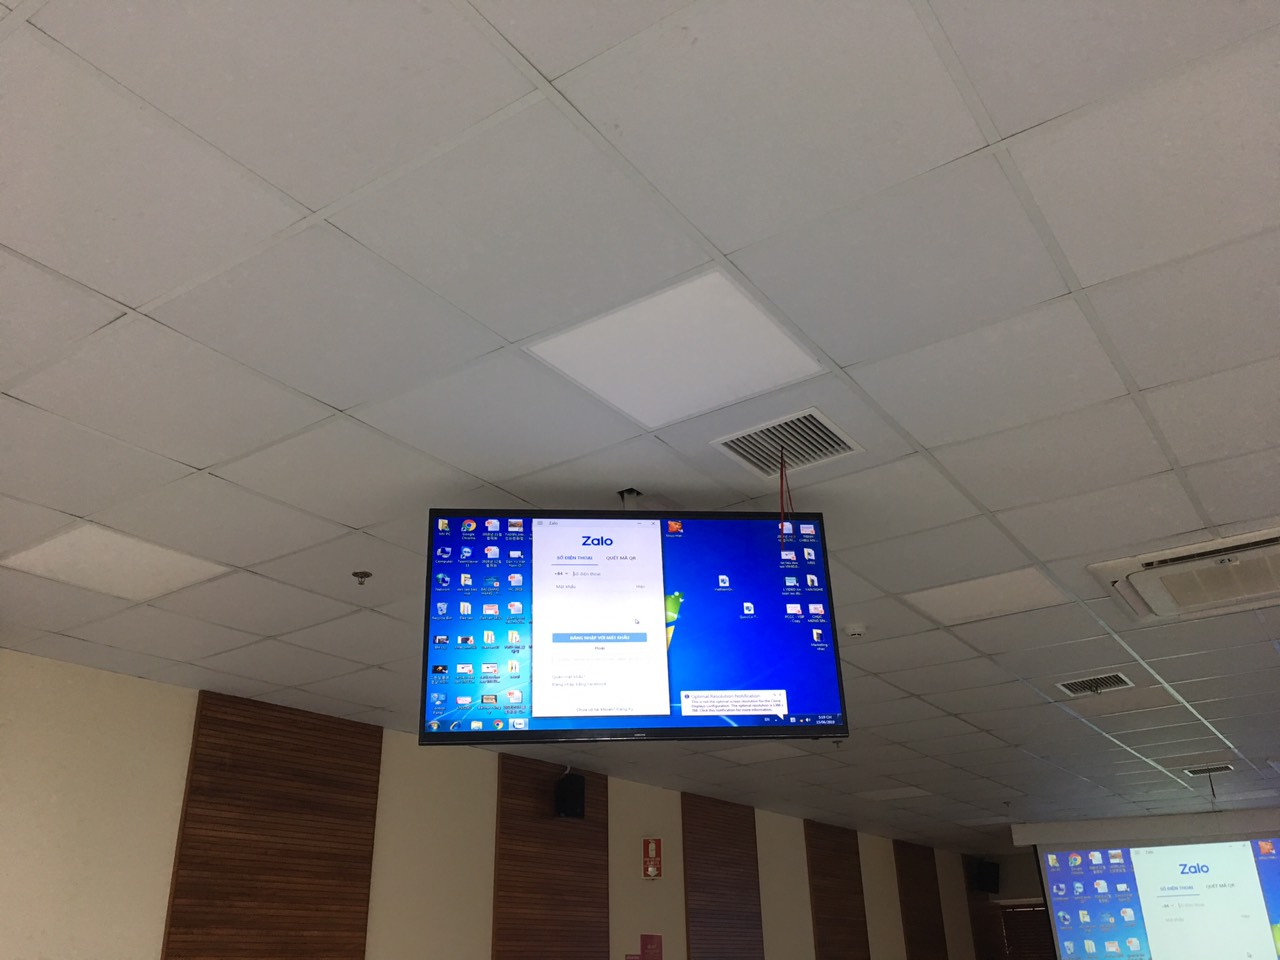 Lắp đặt hệ thống màn hình ti vi màn hình treo trần